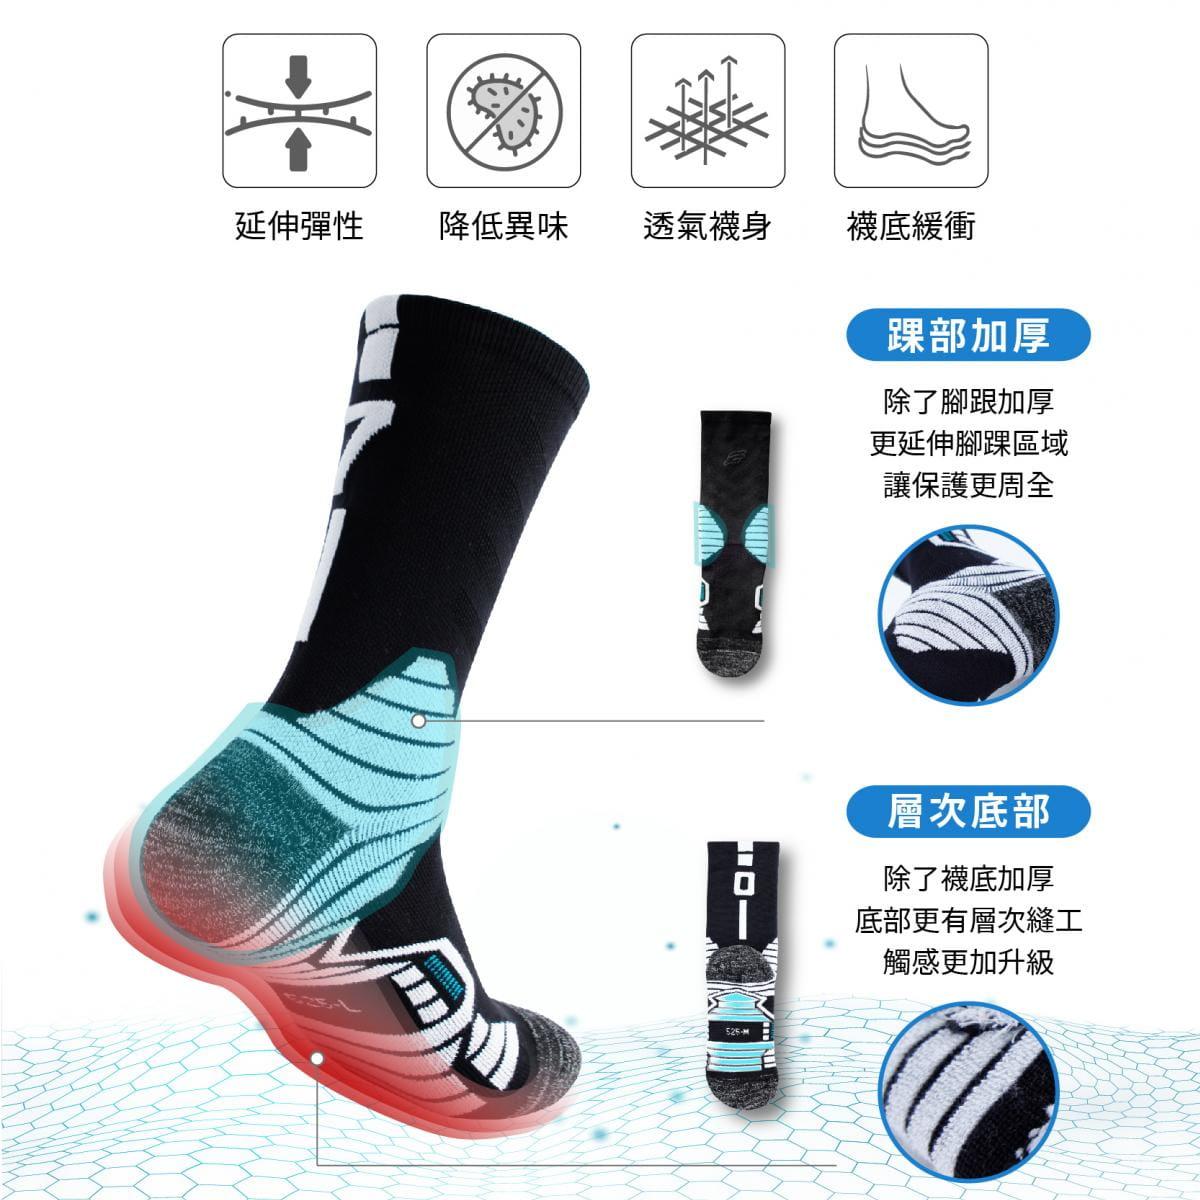 【FAV】運動加大除臭數字襪(單隻販售) 2